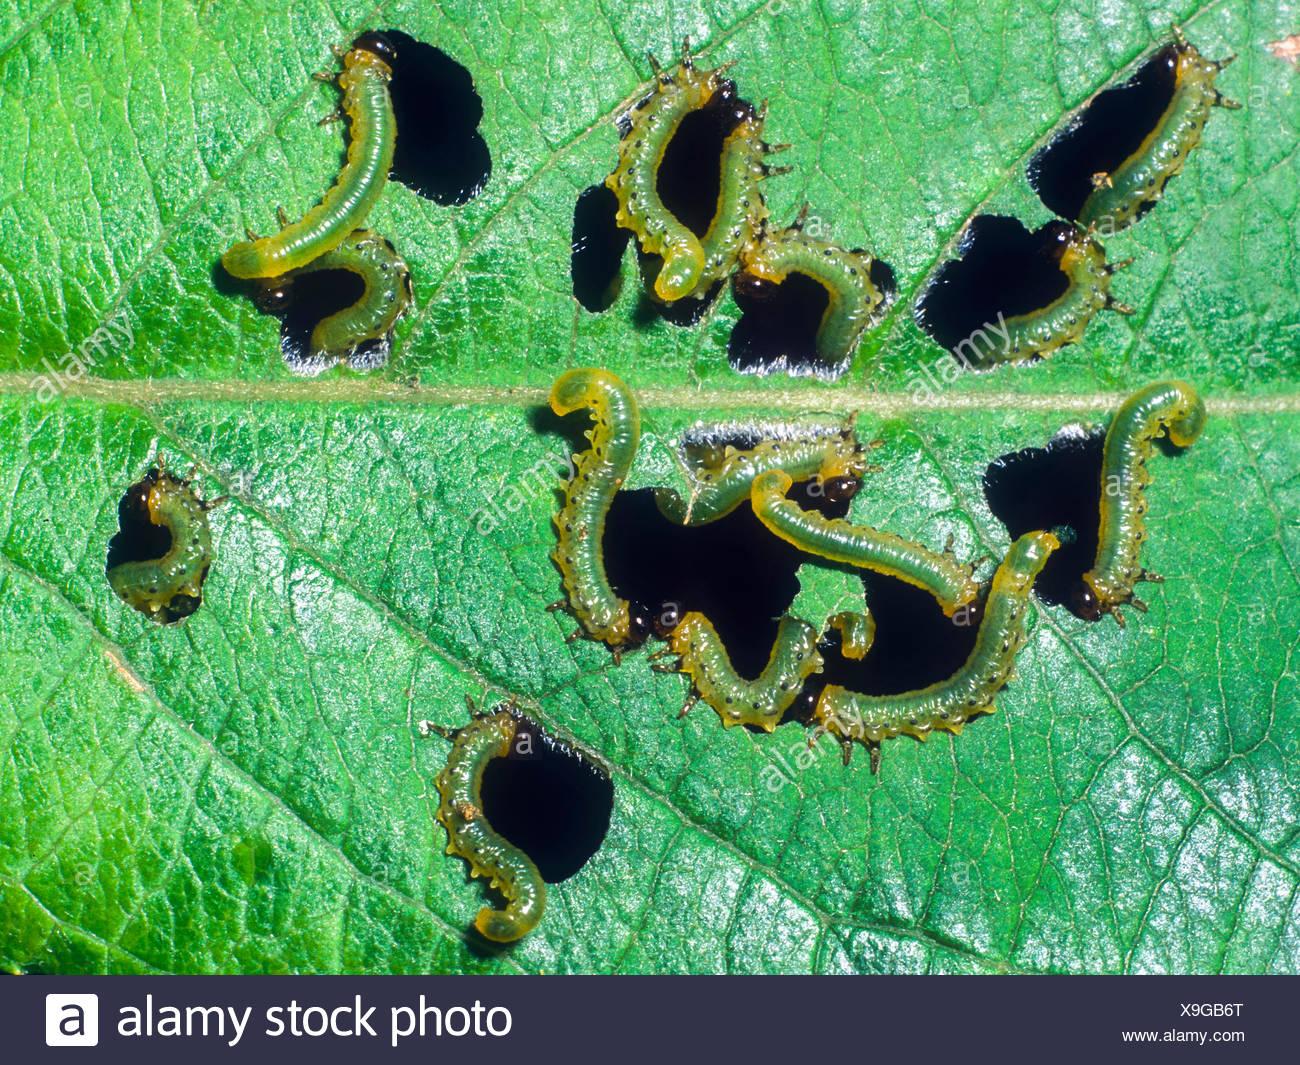 Blattwespe, Blatt-Wespe (Tenthredinidae), Larven beim Fensterfrass an der Unterseite eines Schwarzerlen-Blattes (Alnus glutinosa - Stock Image